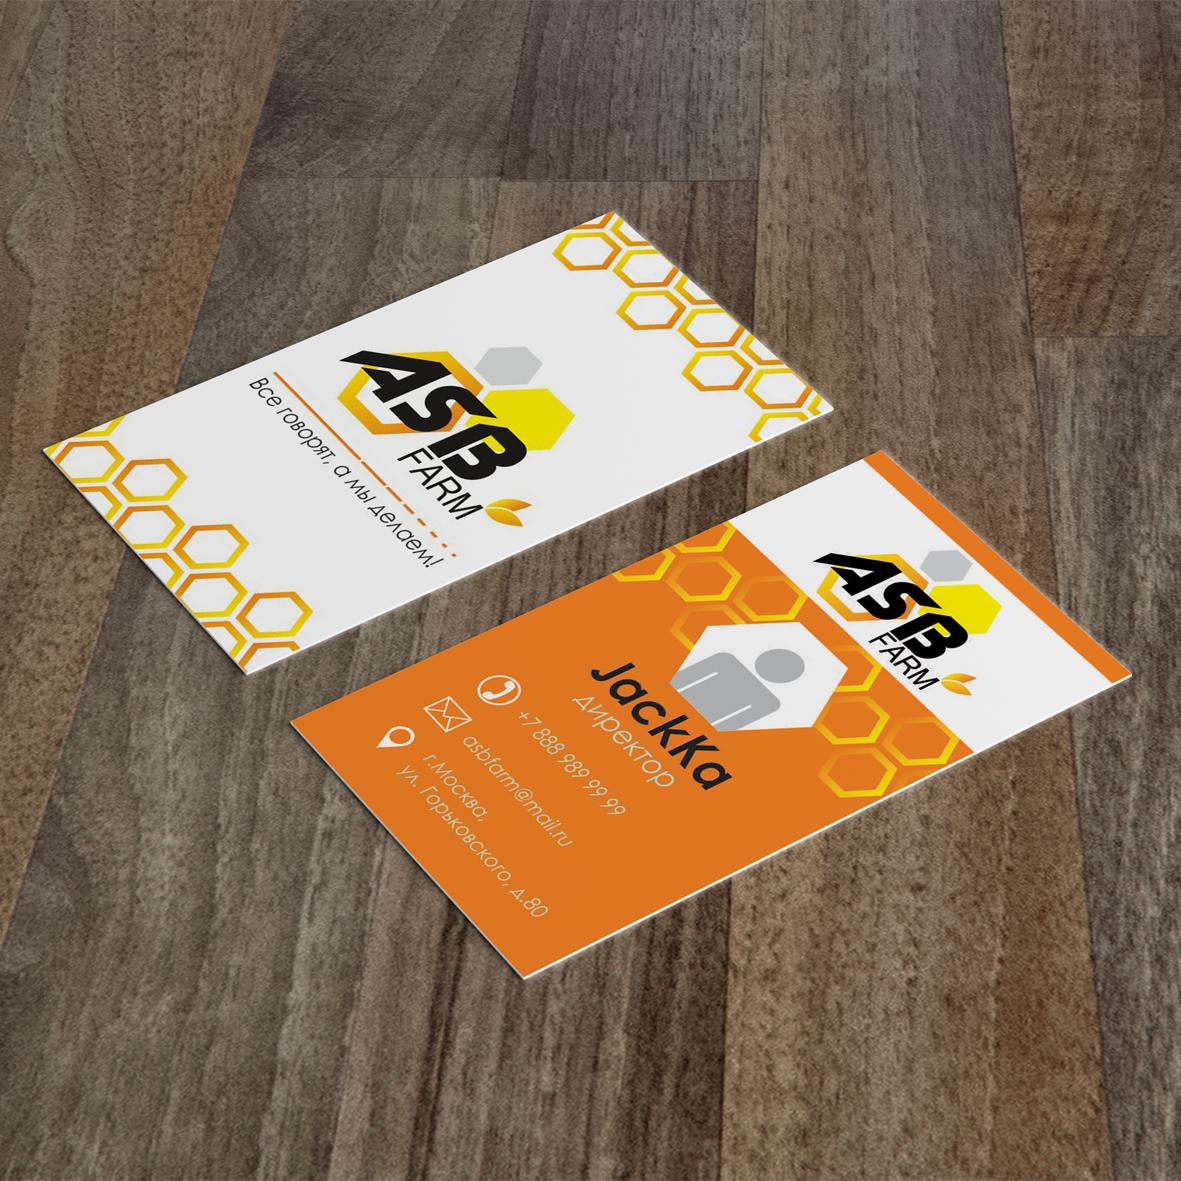 Разработка 3-4 видов логотипа фото f_4845a5b910042709.jpg